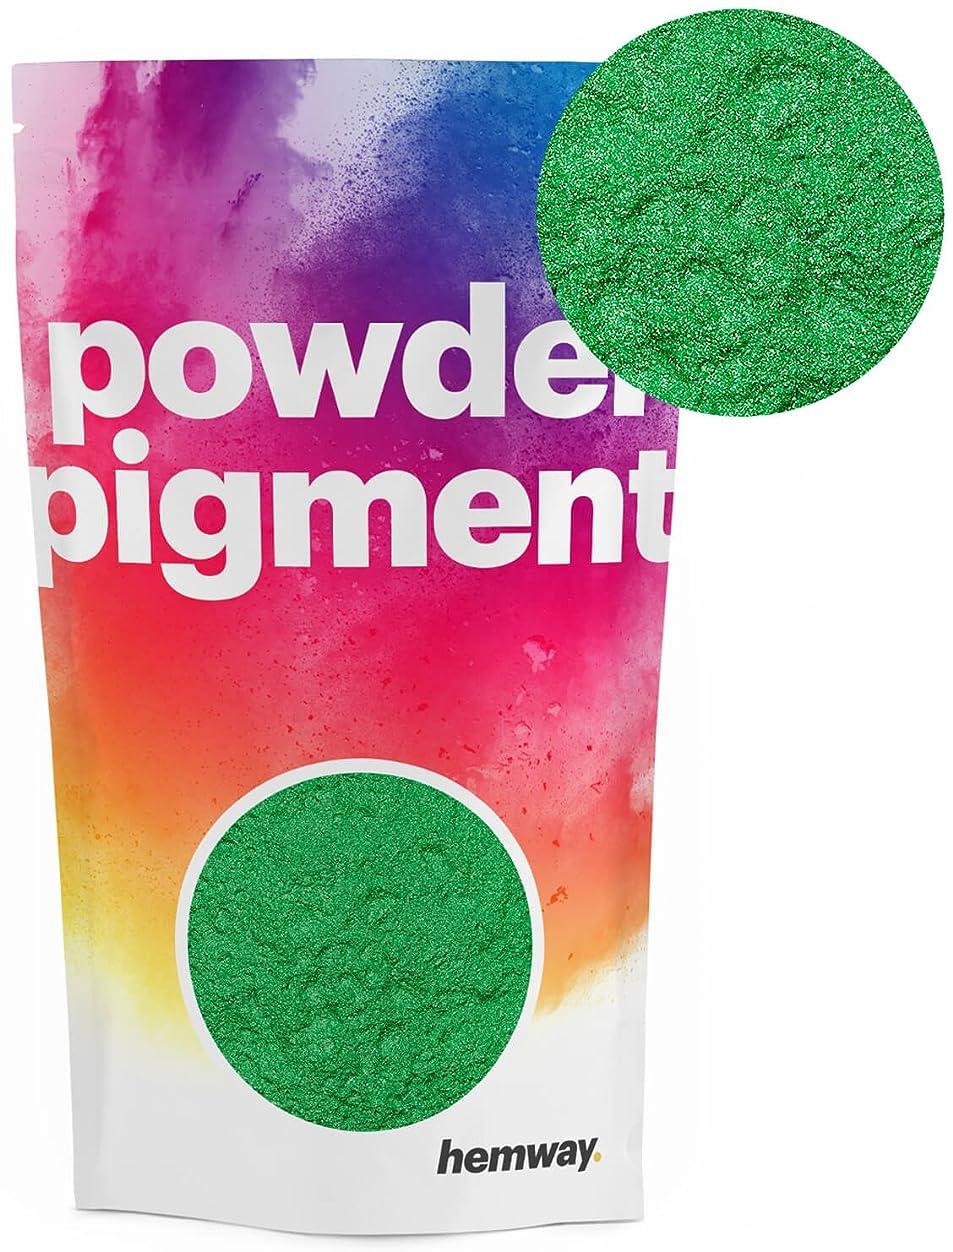 Hemway Pigment Powder Colour Luxury Ultra-Sparkle Dye Metallic Pigments for Epoxy Resin, Polyurethane Paint (Metallic Apple Green, 50g / 1.75oz) xenc092346278